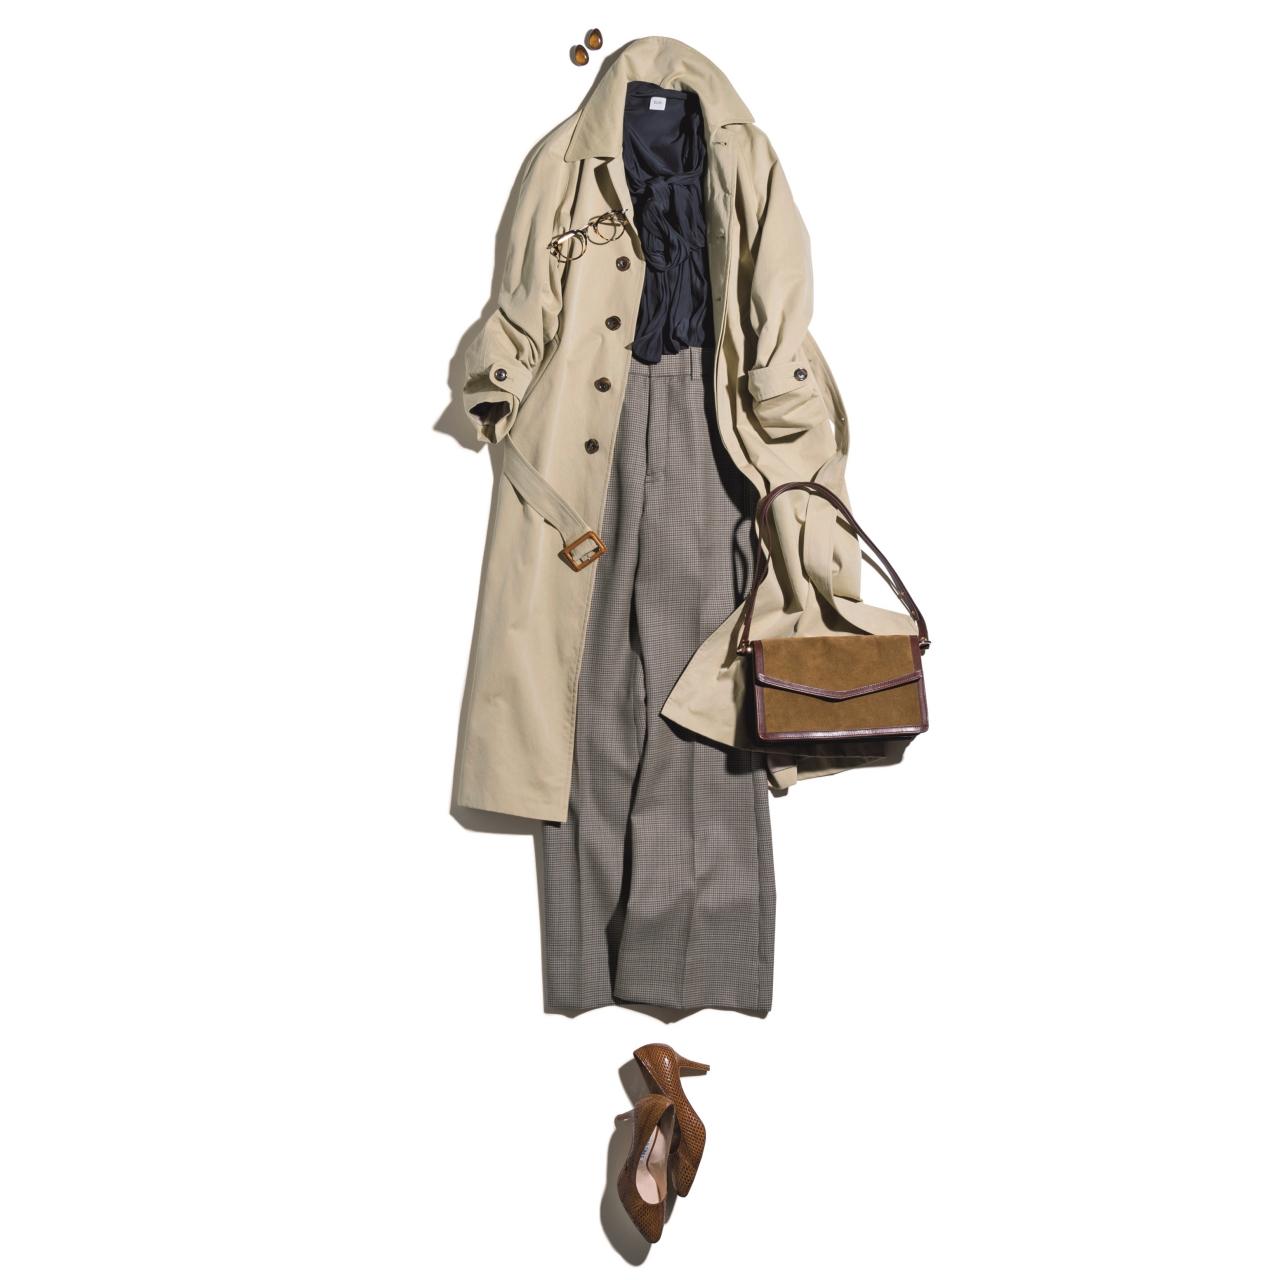 トレンチコート×チェック柄パンツのファッションコーデ